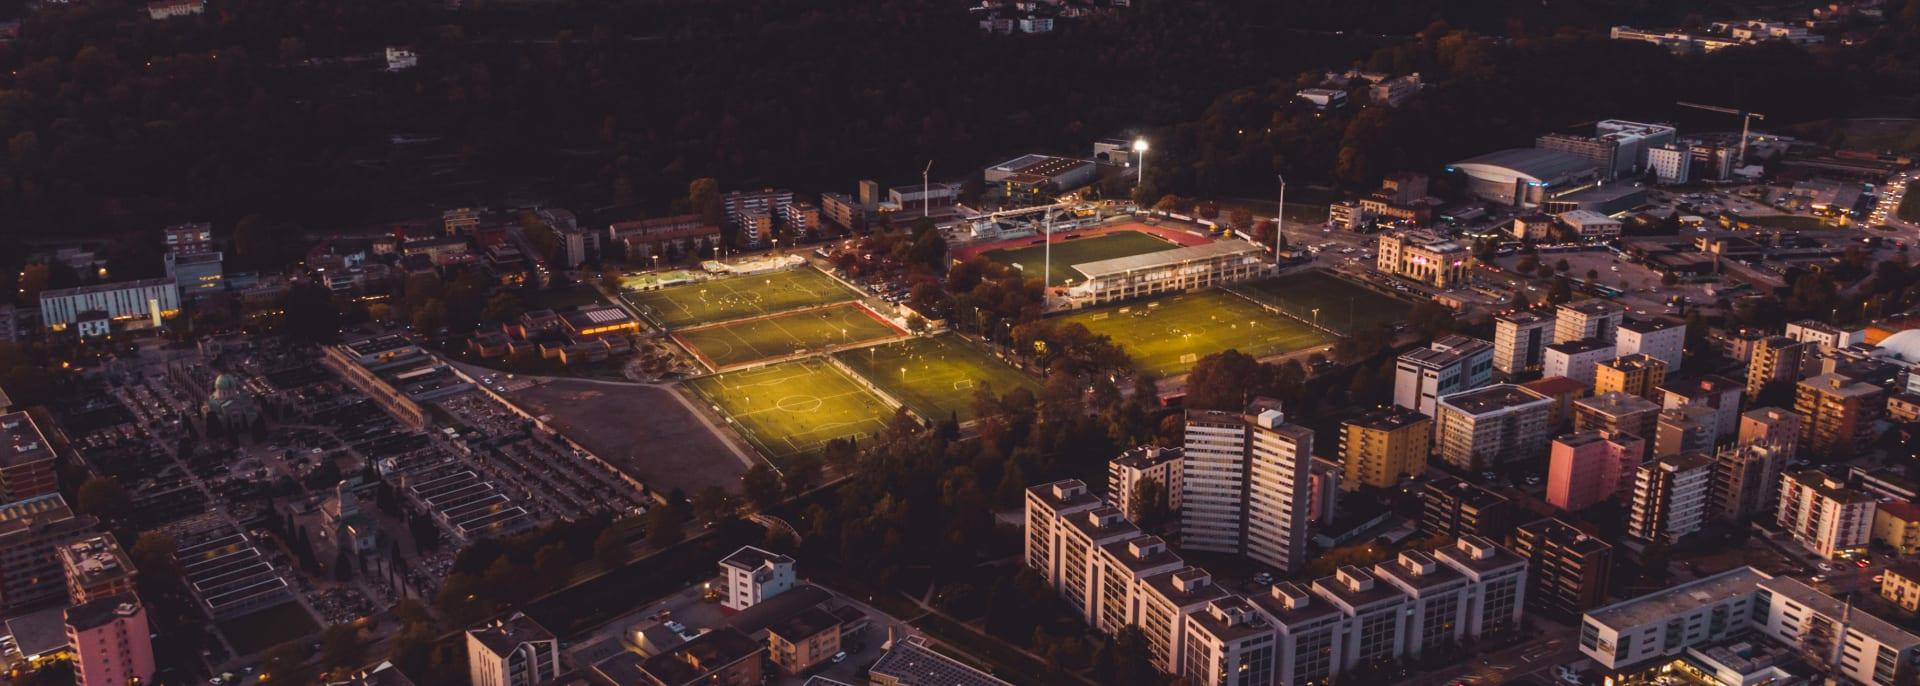 Schweiz, Fussball-Camp, Fussball-Trainingslagerreisen, Knecht Reisen